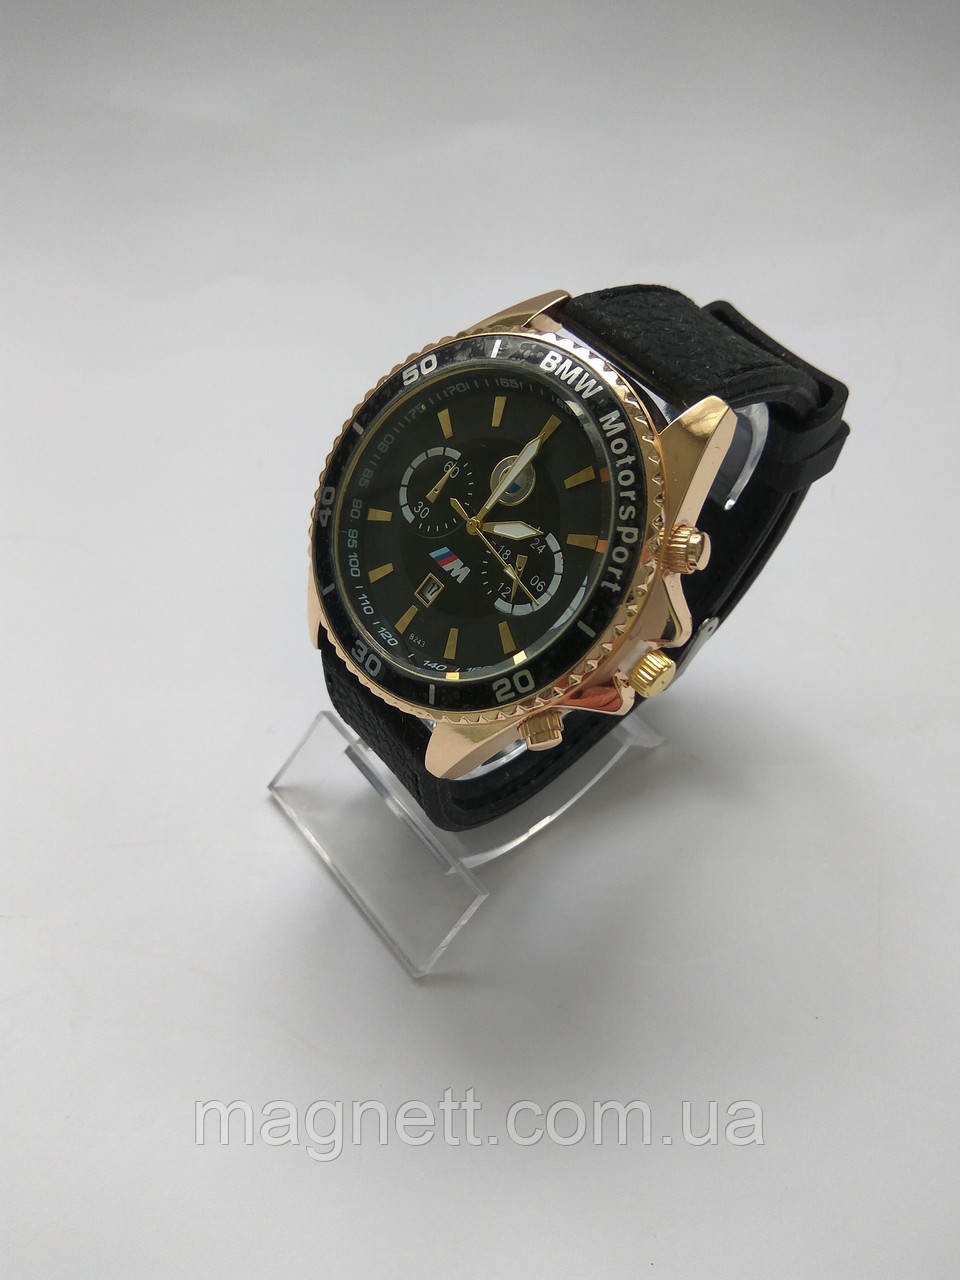 eba775d8 Часы BMW: продажа, цена в Киеве. часы наручные и карманные от ...